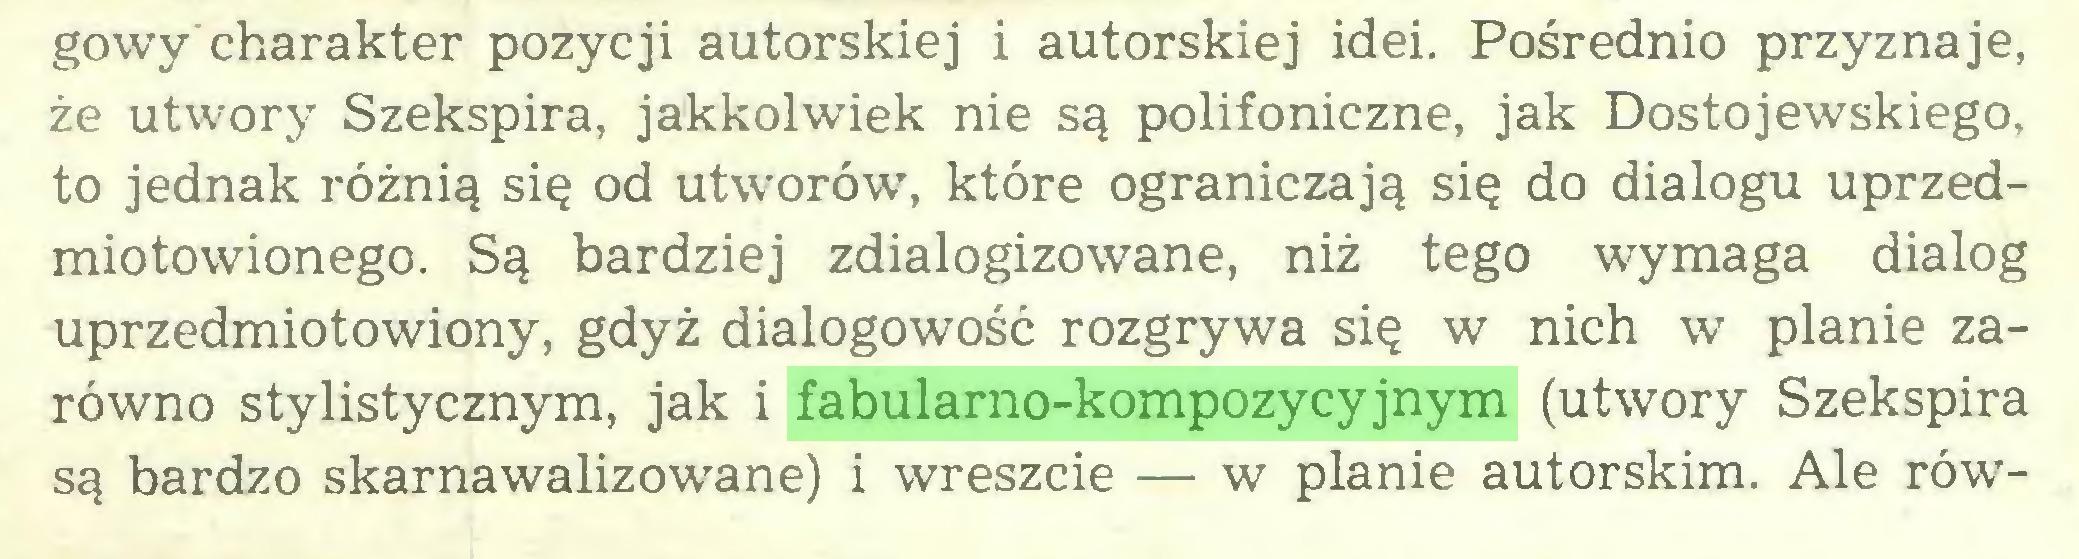 (...) gowy'charakter pozycji autorskiej i autorskiej idei. Pośrednio przyznaje, że utwory Szekspira, jakkolwiek nie są polifoniczne, jak Dostojewskiego, to jednak różnią się od utworów, które ograniczają się do dialogu uprzedmiotowionego. Są bardziej zdialogizowane, niż tego wymaga dialog uprzedmiotowiony, gdyż dialogowość rozgrywa się w nich w planie zarówno stylistycznym, jak i fabularno-kompozycyjnym (utwory Szekspira są bardzo skarnawalizowane) i wreszcie — w planie autorskim. Ale rów...